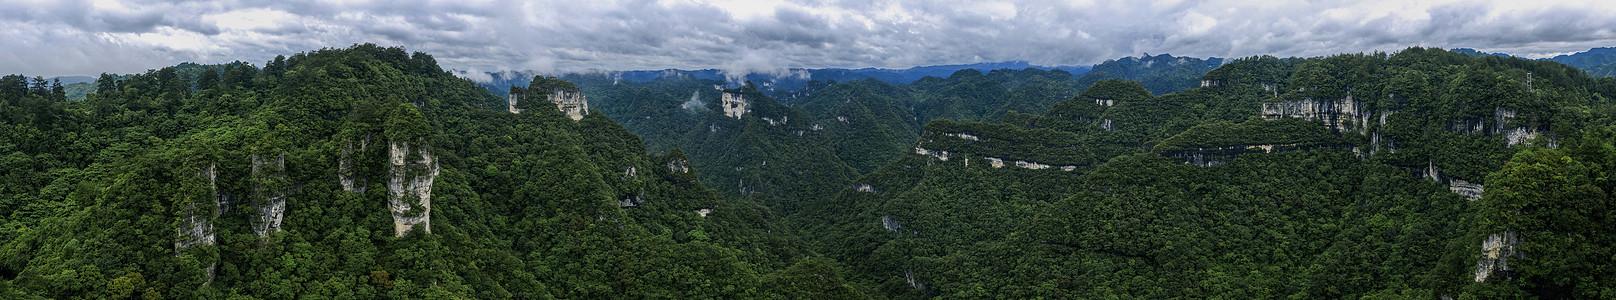 世界自然遗产贵州施秉云台山航拍摄影图片图片